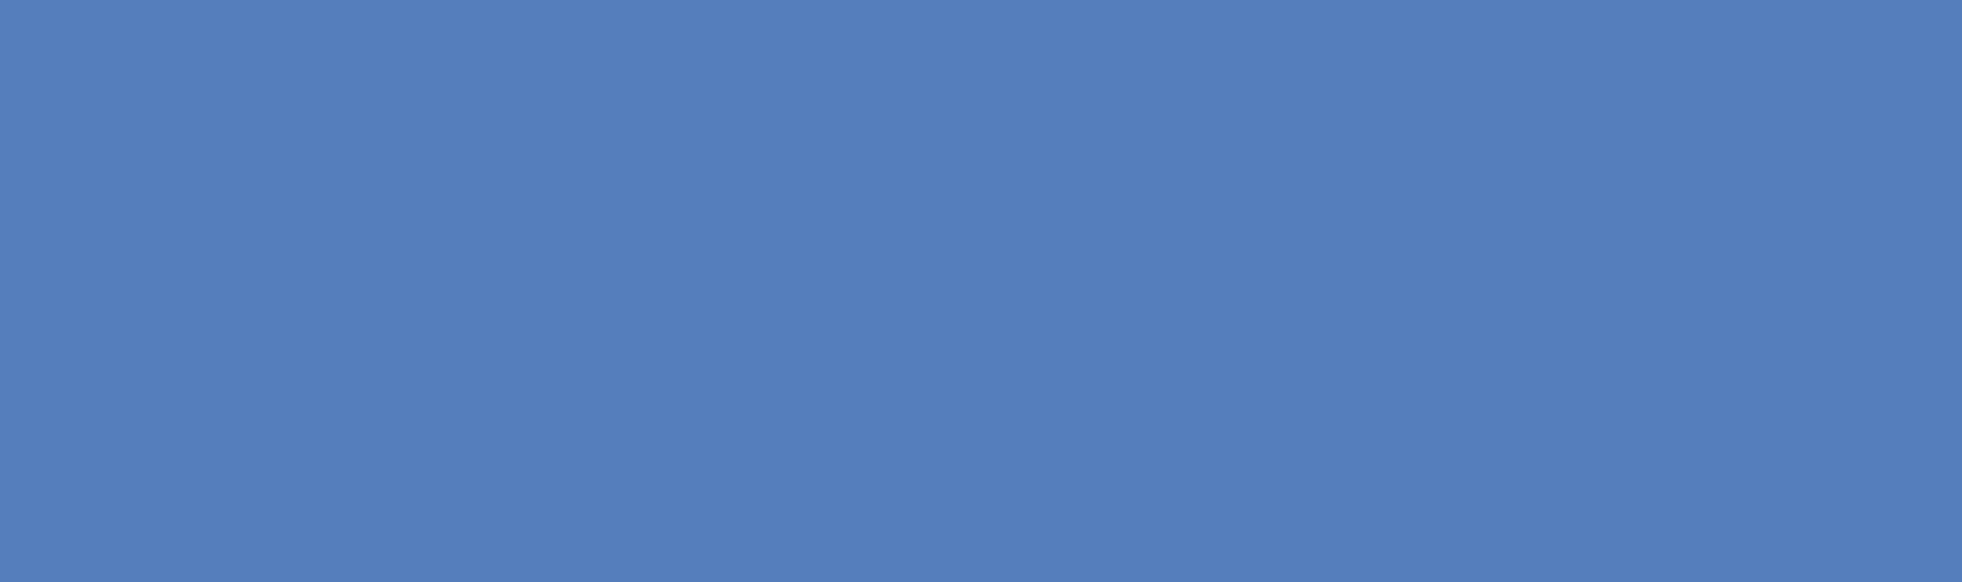 john_buck.png